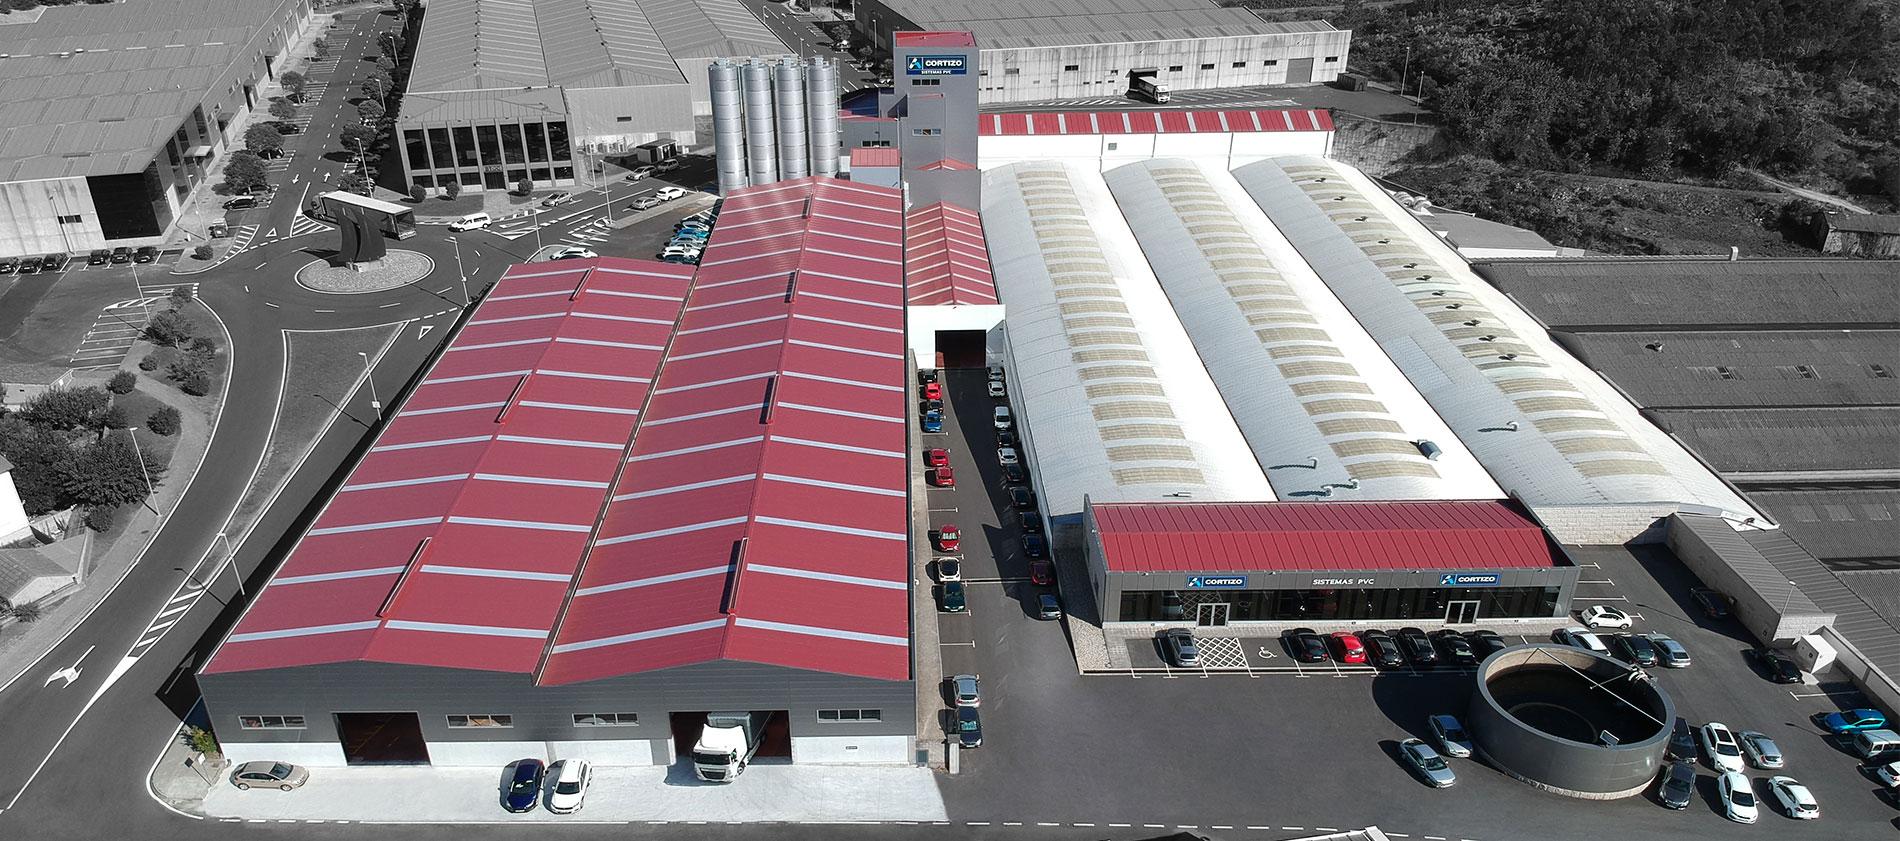 CORTIZO PVC - PADRÓN (ESPAÑA) CAPACIDAD PRODUCTIVA 30.000 t/año  » 10 líneas de extrusión » 14.800 m² cubiertos » 3.000 m² área de foliado climatizada » 1.750 m² área de logística » Almacén inteligente de perfiles de PVC y refuerzo con 3.000 jaulas » Almacén de herraje y accesorio » Planta de reciclado